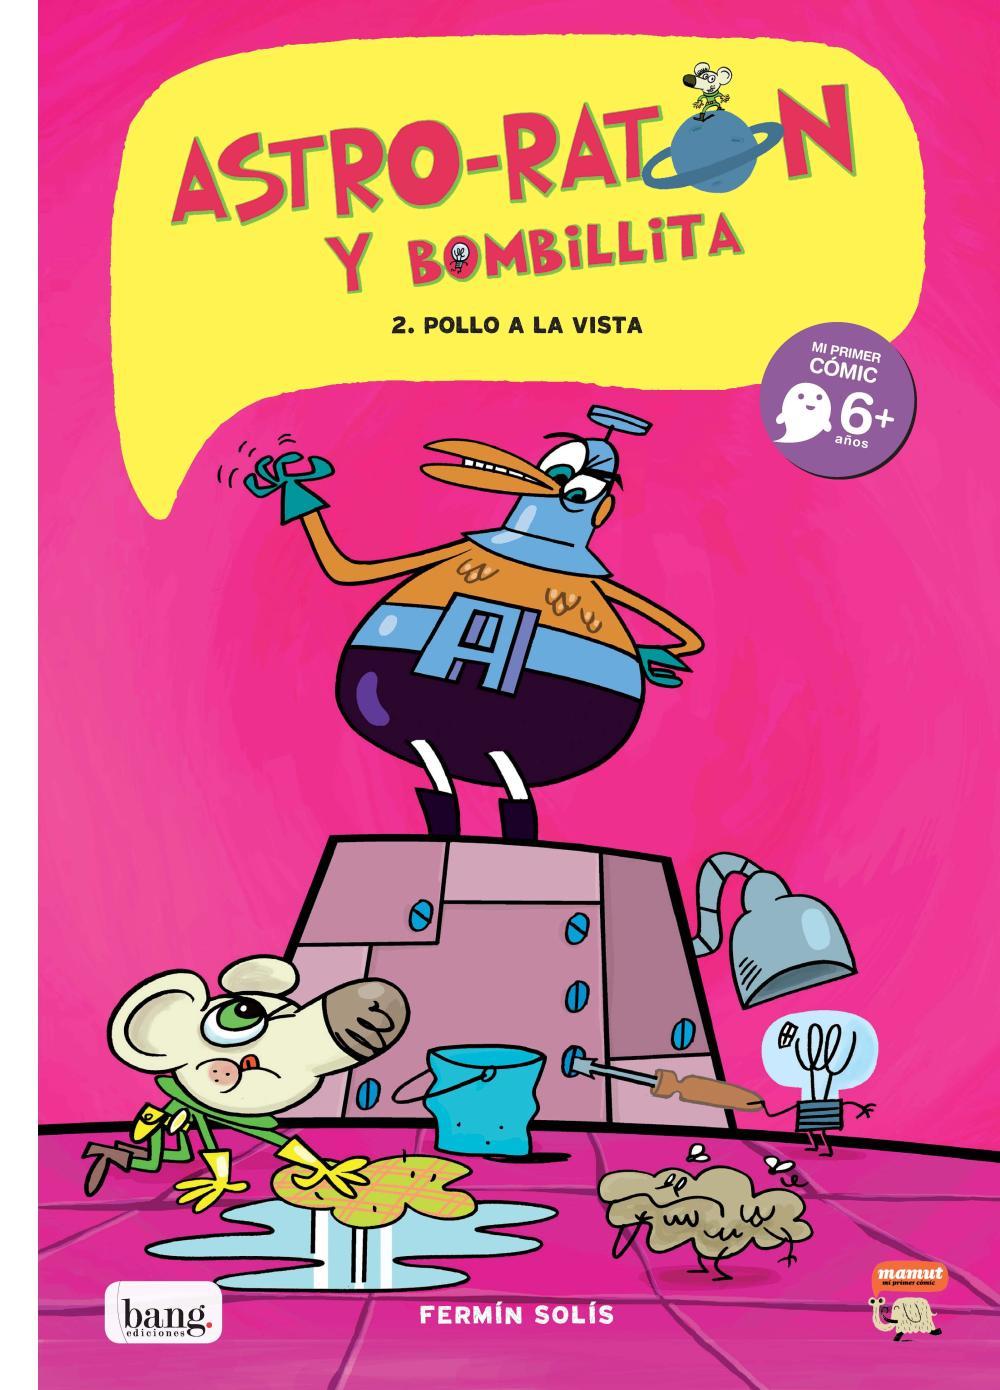 Astro-Ratón y Bombillita 2